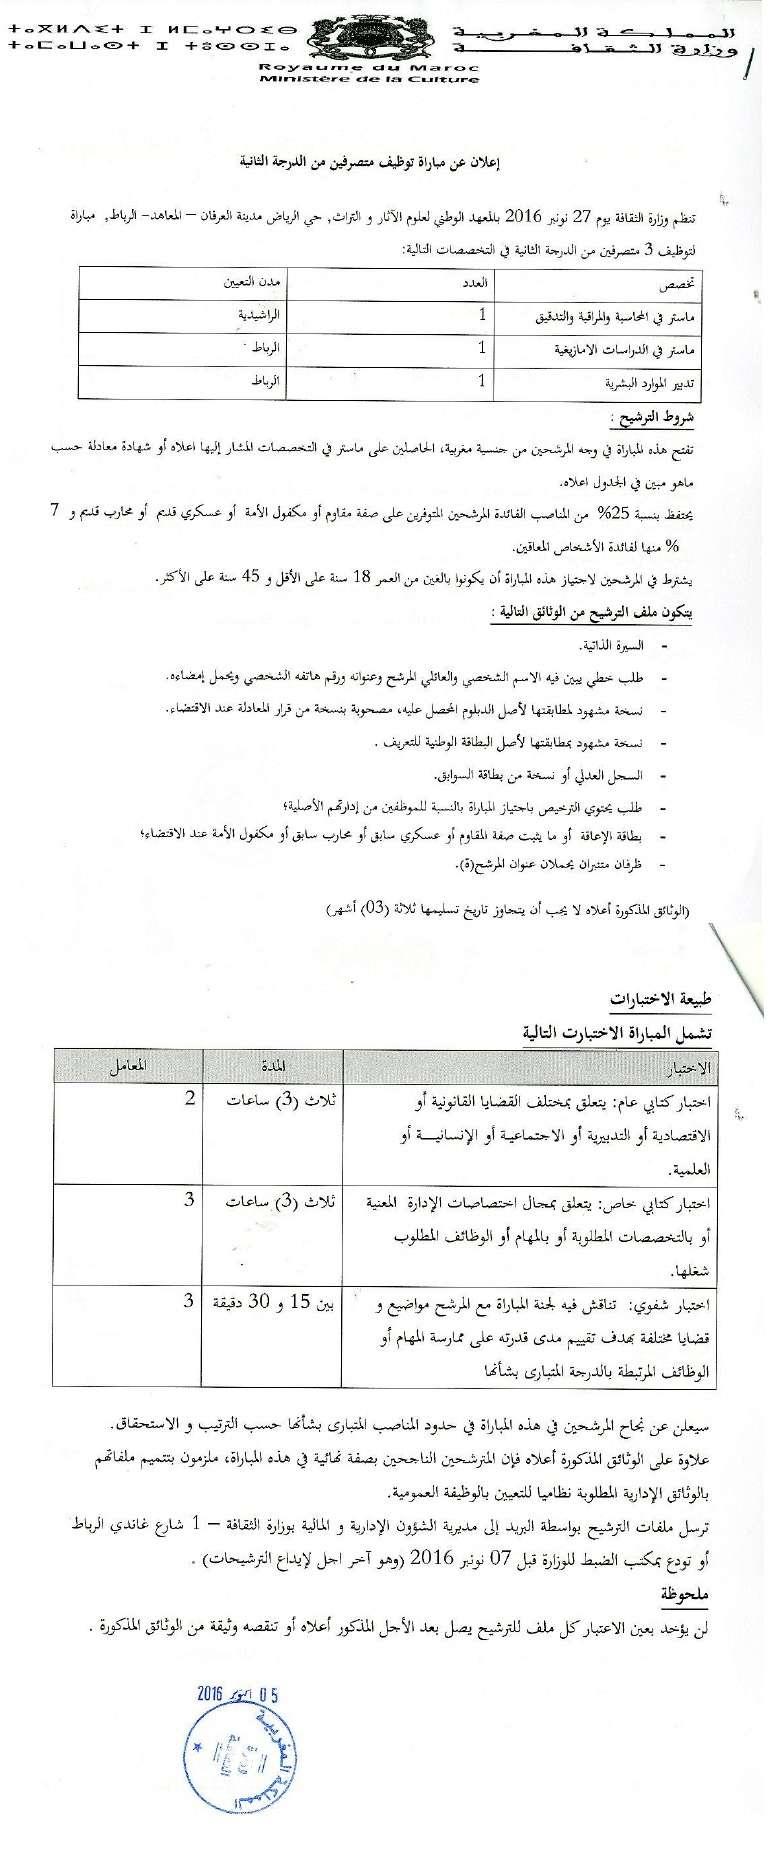 وزارة الثقافة :  مباراة لتوظيف 50 منصب في عدة تخصصات آخر أجل لإيداع الترشيحات 7 نونبر 2016  Concou35